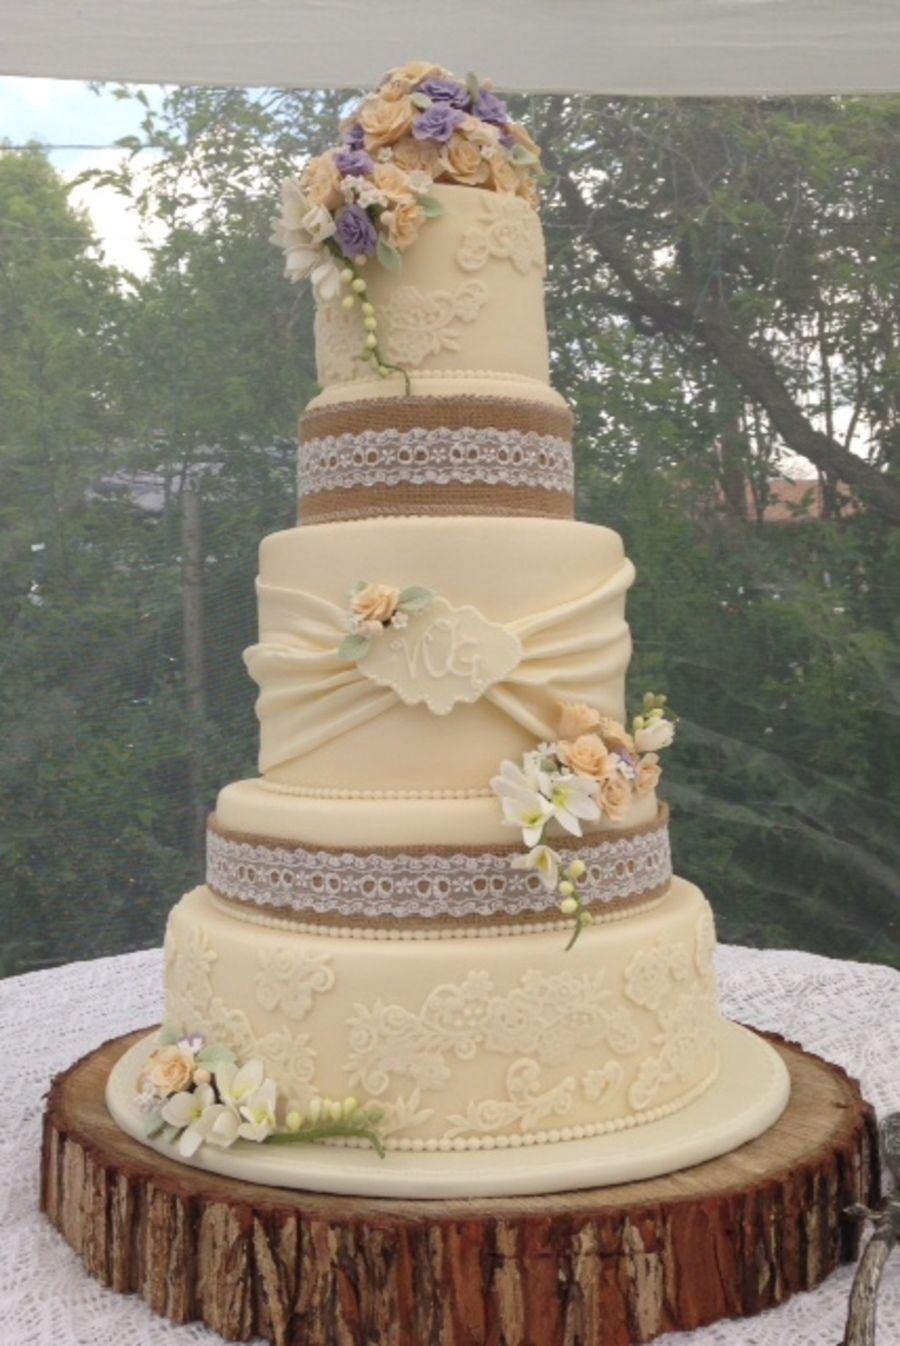 Vintage Rustic Wedding Cake  Cakes in 2019  Wedding